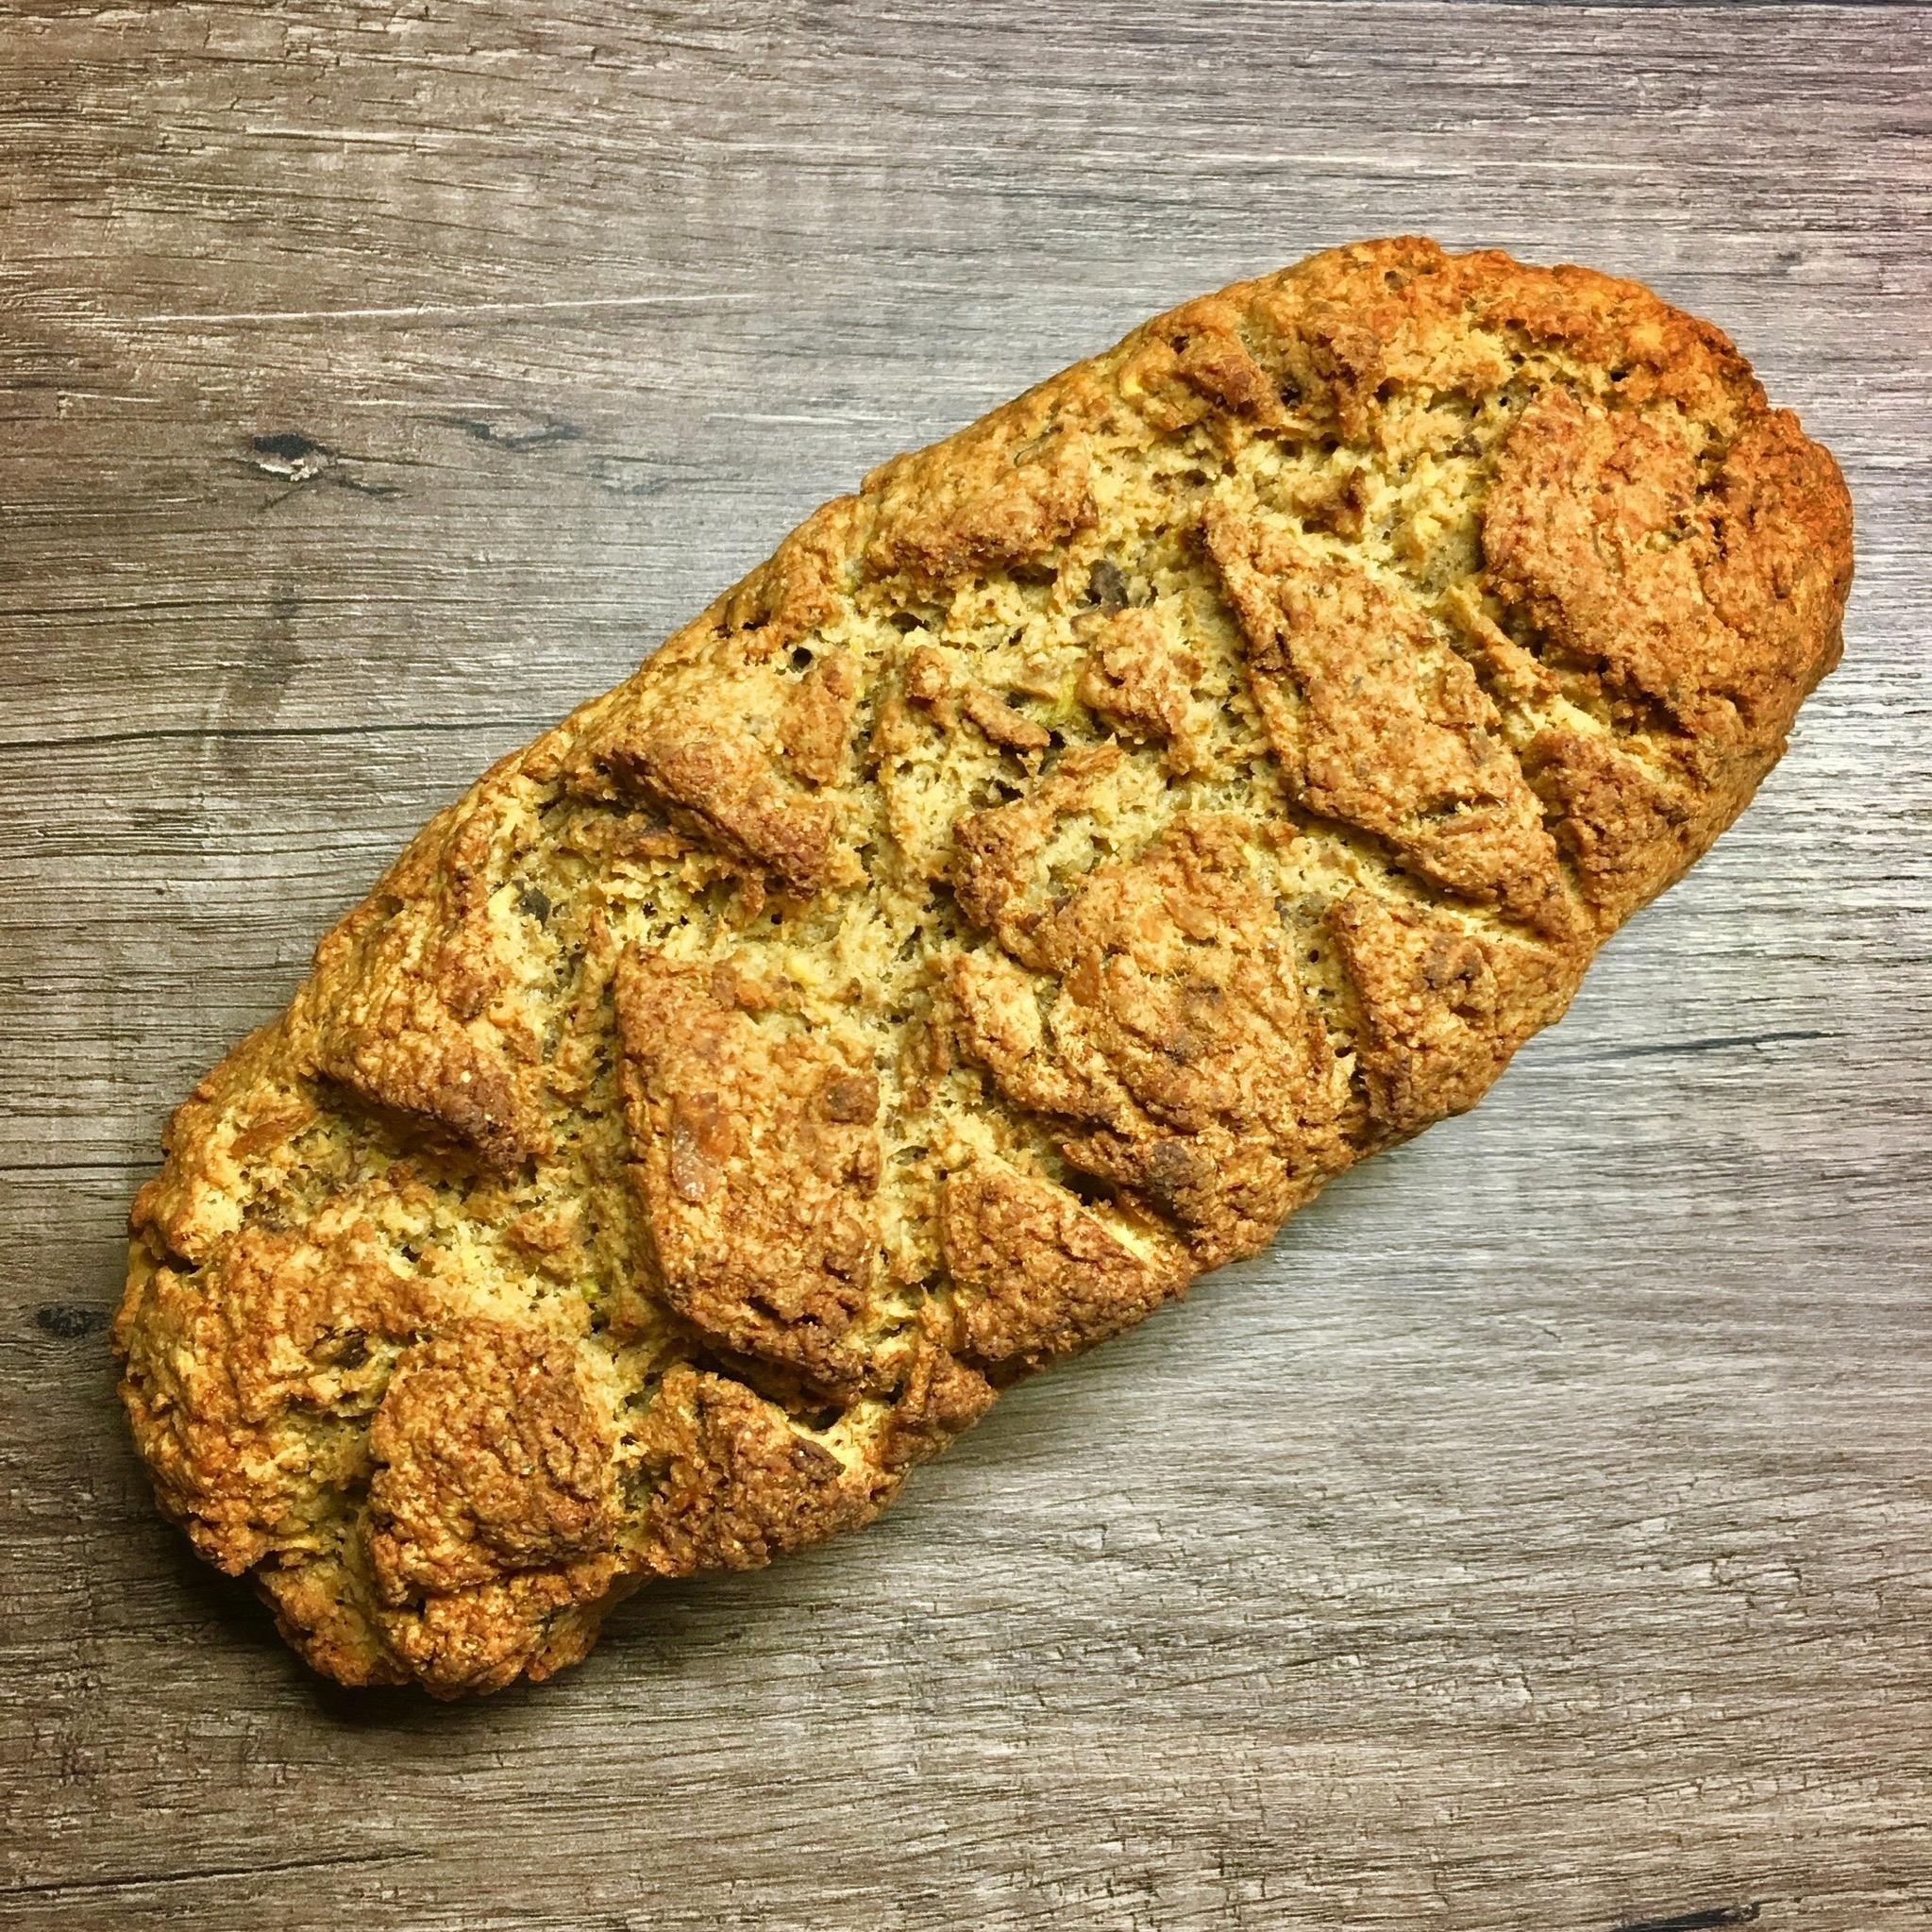 Rezept für getreidefreies Brot, AIP und Paleo freundlich.